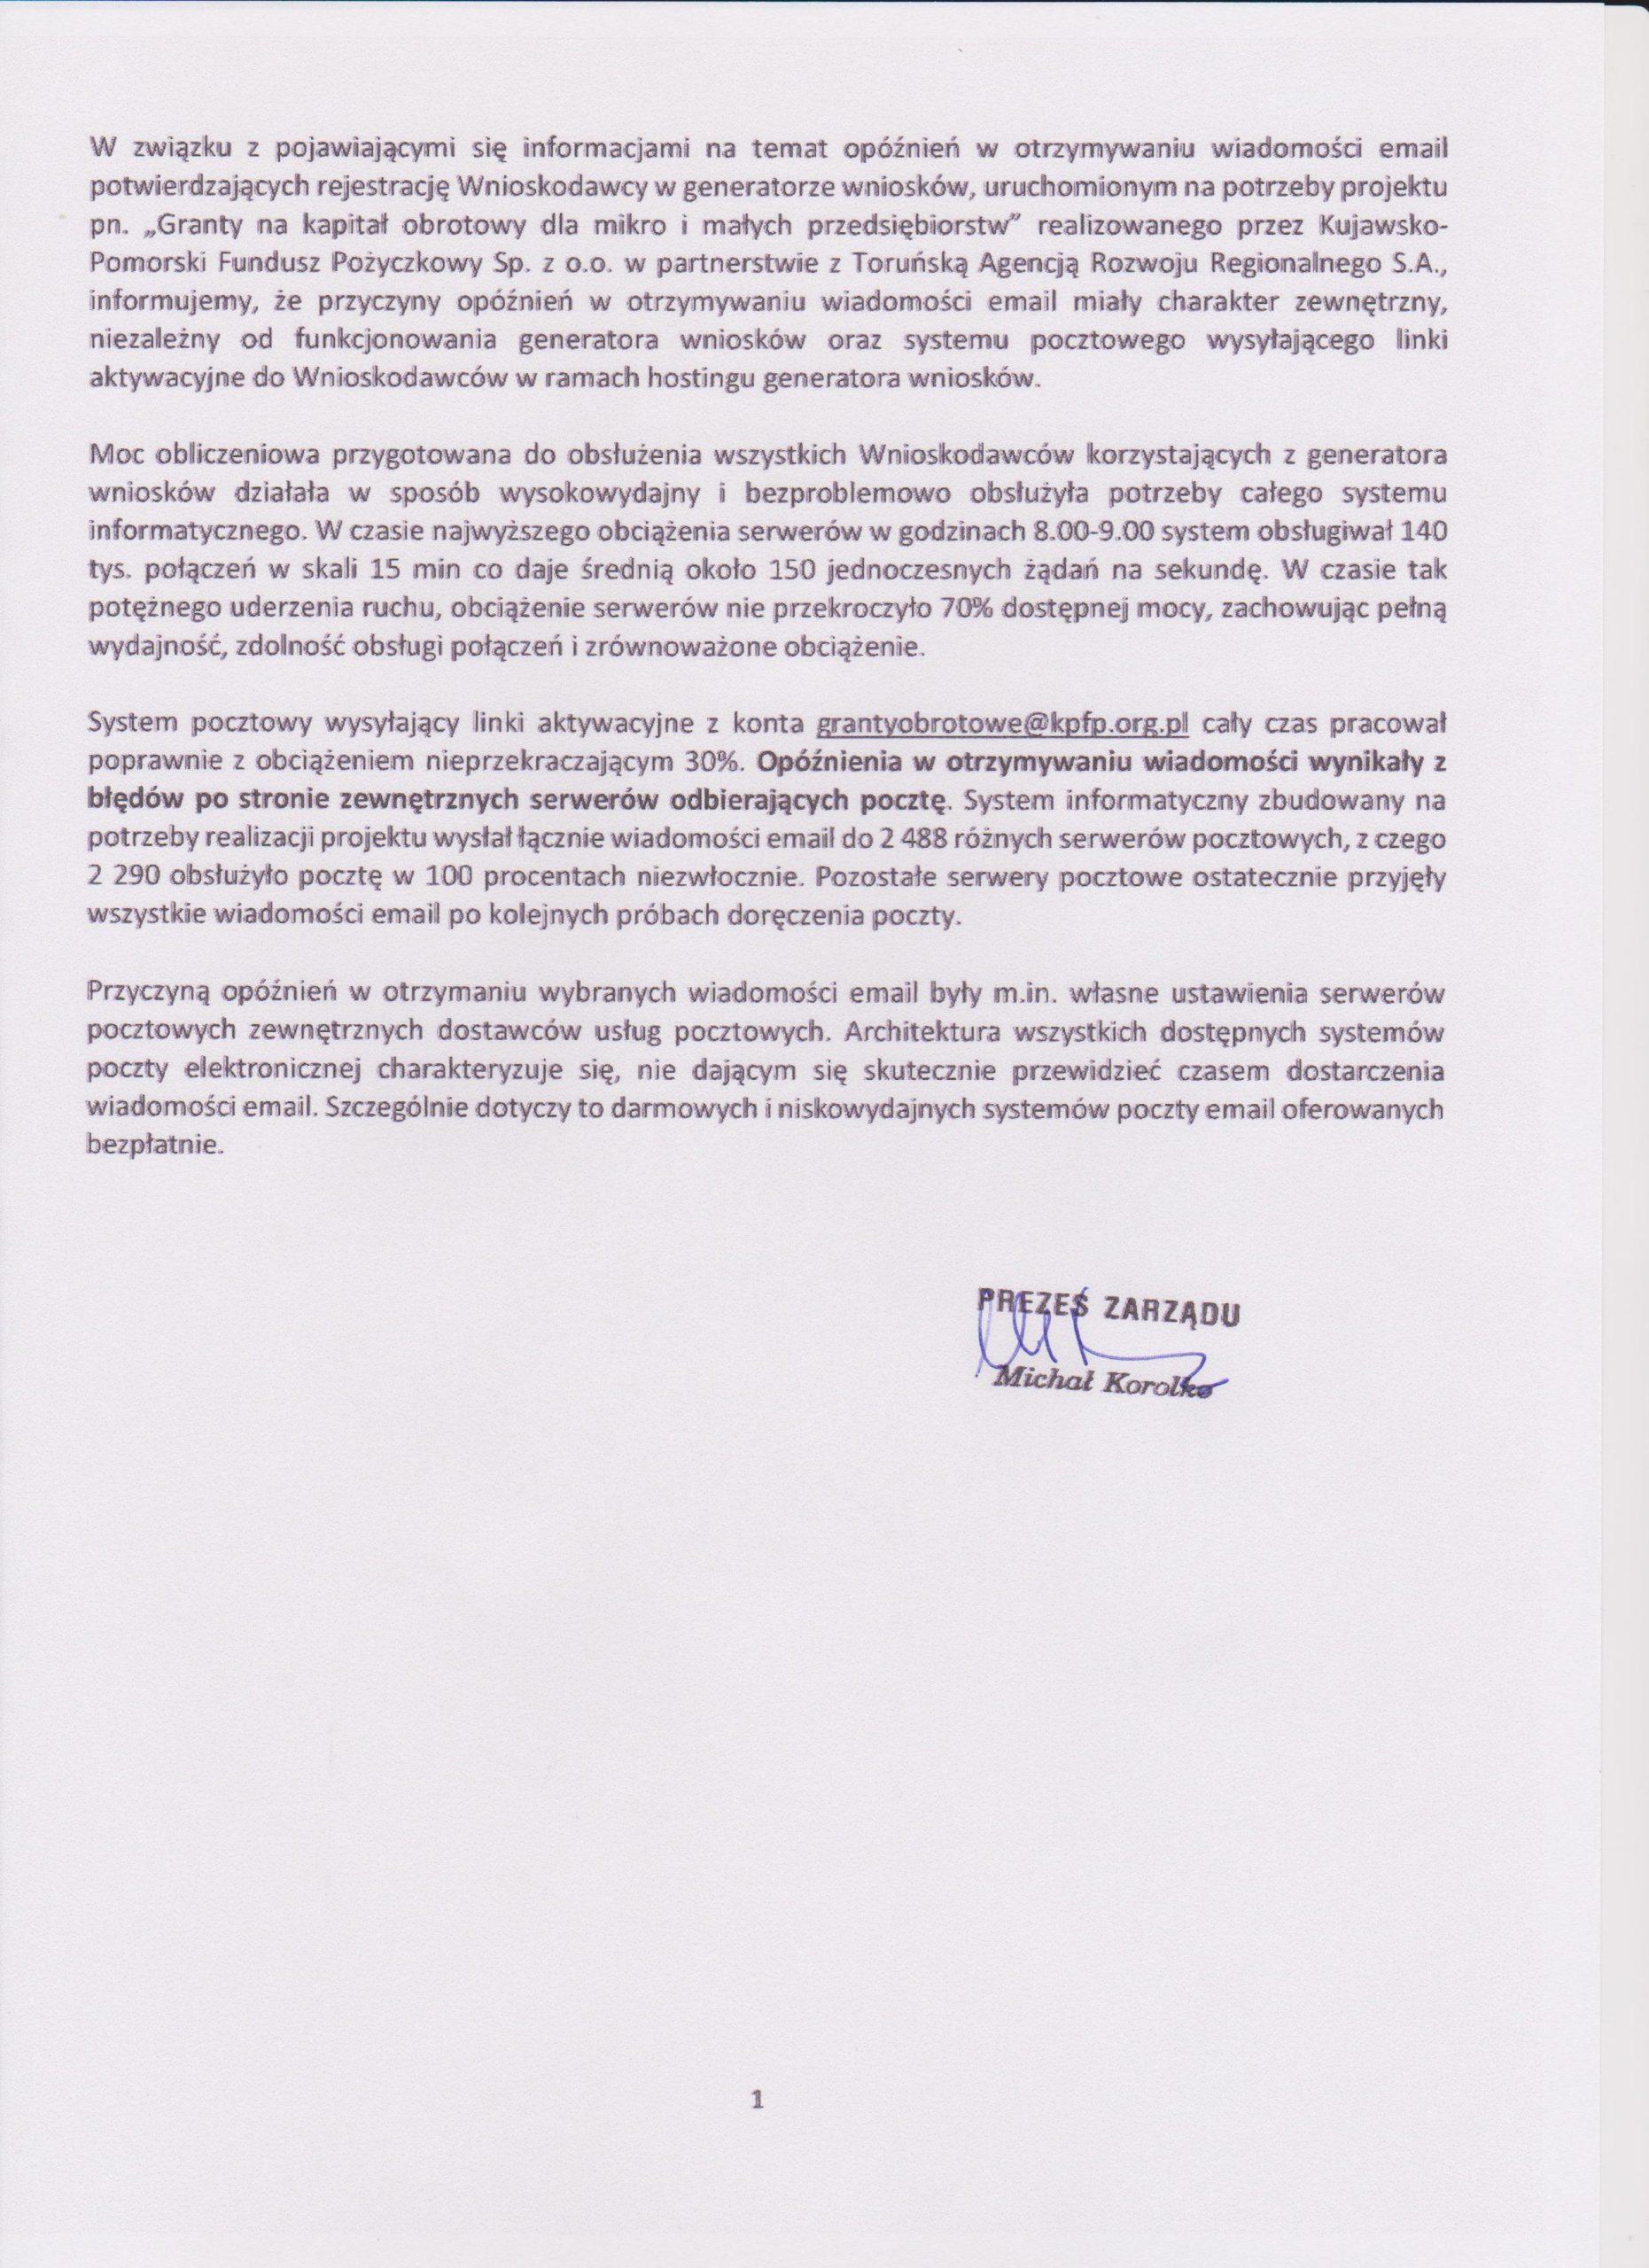 """W związku z pojawiającymi się informacjami na temat opóźnień w otrzymywaniu wiadomości email potwierdzających rejestrację Wnioskodawcy w generatorze wniosków, uruchomionym na potrzeby projektu pn. """"Granty na kapitał obrotowy dla mikro i małych przedsiębiorstw"""" realizowanego przez Kujawsko-Pomorski Fundusz Pożyczkowy Sp. z o.o. w partnerstwie z Toruńską Agencją Rozwoju Regionalnego S.A., informujemy, że przyczyny opóźnień w otrzymywaniu wiadomości email miały charakter zewnętrzny, niezależny od funkcjonowania generatora wniosków oraz systemu pocztowego wysyłającego linki aktywacyjne do Wnioskodawców w ramach hostingu generatora wniosków.   Moc obliczeniowa przygotowana do obsłużenia wszystkich Wnioskodawców korzystających z generatora wniosków działała w sposób wysokowydajny i bezproblemowo obsłużyła potrzeby całego systemu informatycznego. W czasie najwyższego obciążenia serwerów w godzinach 8.00-9.00 system obsługiwał 140 tys. połączeń w skali 15 min co daje średnią około 150 jednoczesnych żądań na sekundę. W czasie tak potężnego uderzenia ruchu, obciążenie serwerów nie przekroczyło 70% dostępnej mocy, zachowując pełną wydajność, zdolność obsługi połączeń i zrównoważone obciążenie.  System pocztowy wysyłający linki aktywacyjne z konta grantyobrotowe@kpfp.org.pl cały czas pracował poprawnie z obciążeniem nieprzekraczającym 30%. Opóźnienia w otrzymywaniu wiadomości wynikały z błędów po stronie zewnętrznych serwerów odbierających pocztę. System informatyczny zbudowany na potrzeby realizacji projektu wysłał łącznie wiadomości email do 2 488 różnych serwerów pocztowych, z czego 2 290 obsłużyło pocztę w 100 procentach niezwłocznie. Pozostałe serwery pocztowe ostatecznie przyjęły wszystkie wiadomości email po kolejnych próbach doręczenia poczty.  Przyczyną opóźnień w otrzymaniu wybranych wiadomości email były m.in. własne ustawienia serwerów pocztowych zewnętrznych dostawców usług pocztowych. Architektura wszystkich dostępnych systemów poczty elektronicznej charakteryzuje"""